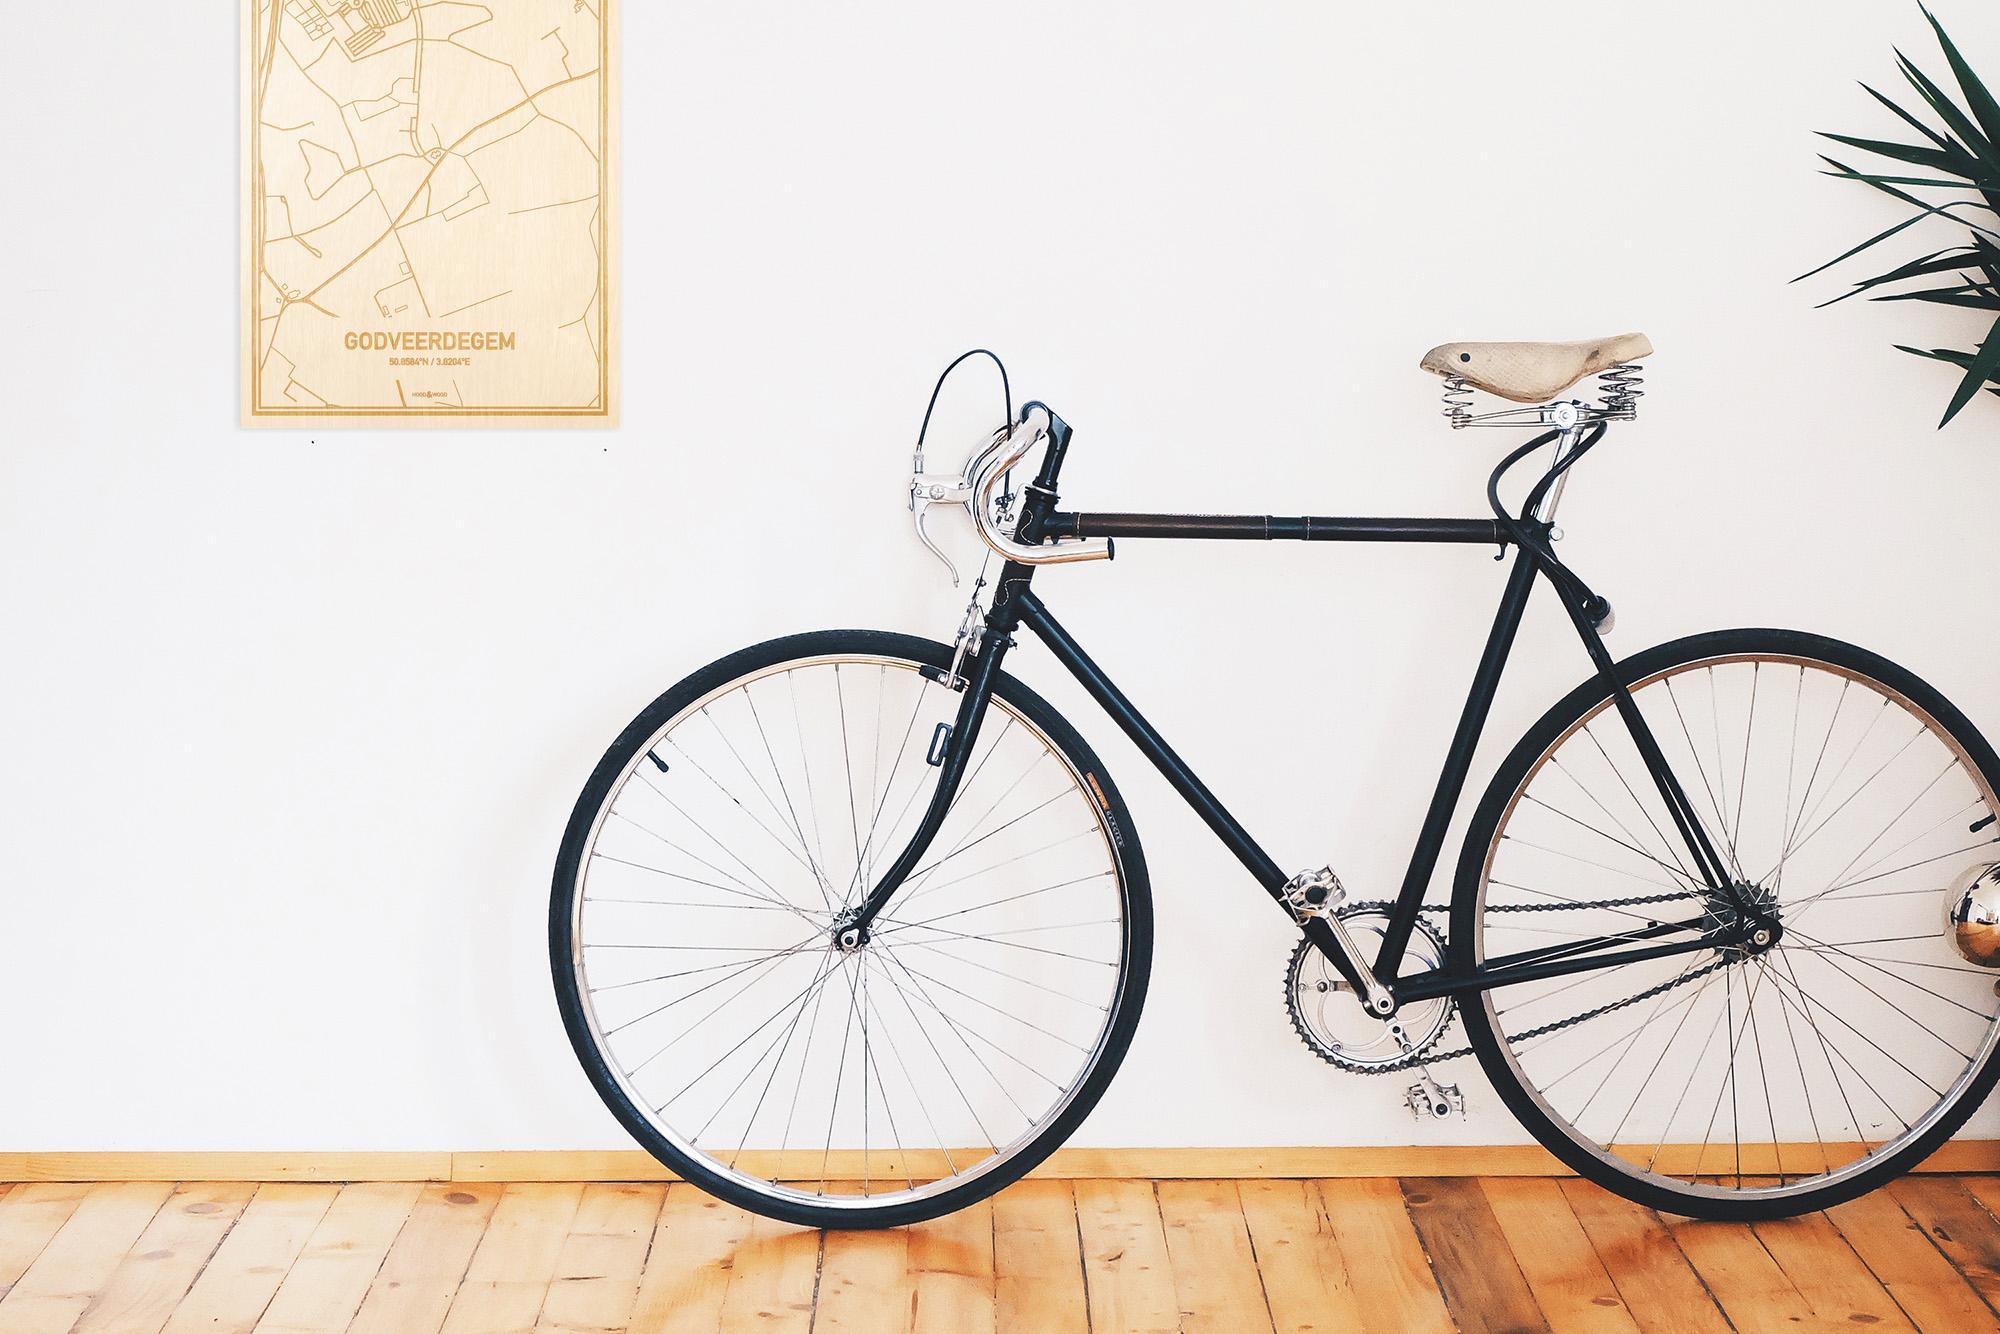 Een snelle fiets in een uniek interieur in Oost-Vlaanderen  met mooie decoratie zoals de plattegrond Godveerdegem.